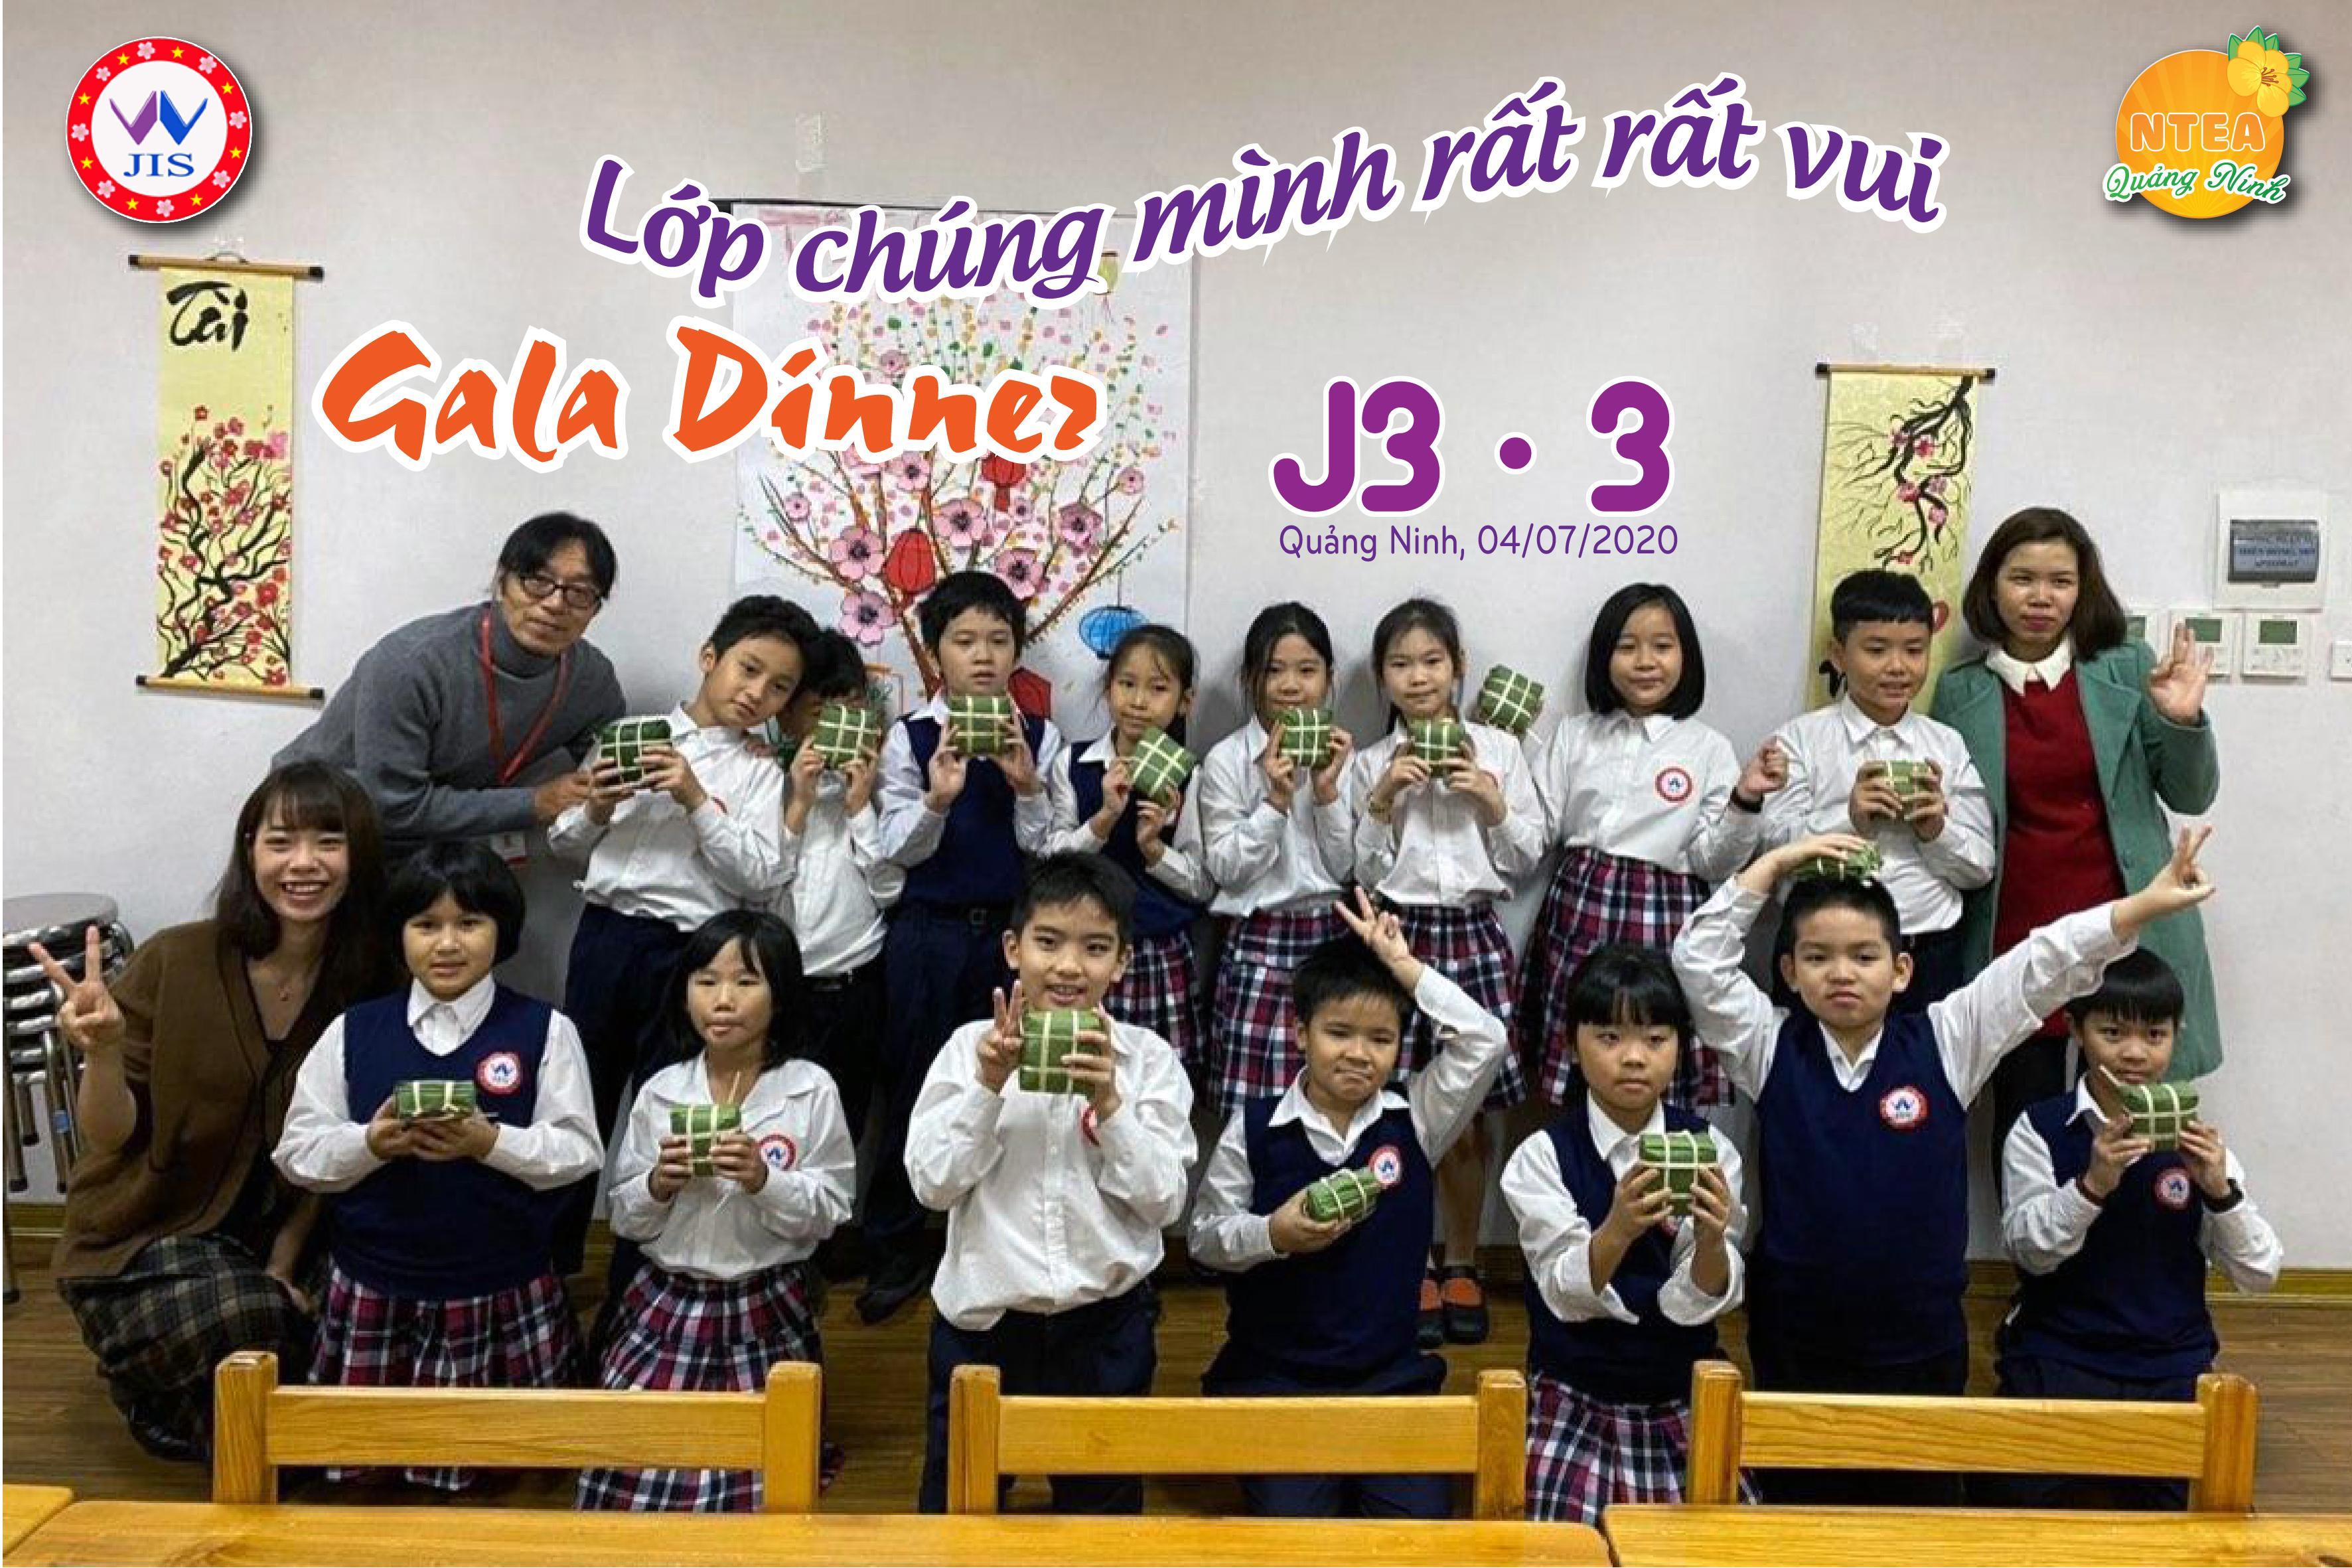 Khai thác dịch vụ du lịch nông nghiệp: Ntea farm Quảng Ninh đón đoàn khách nhí trường quốc tế Nhật Bản